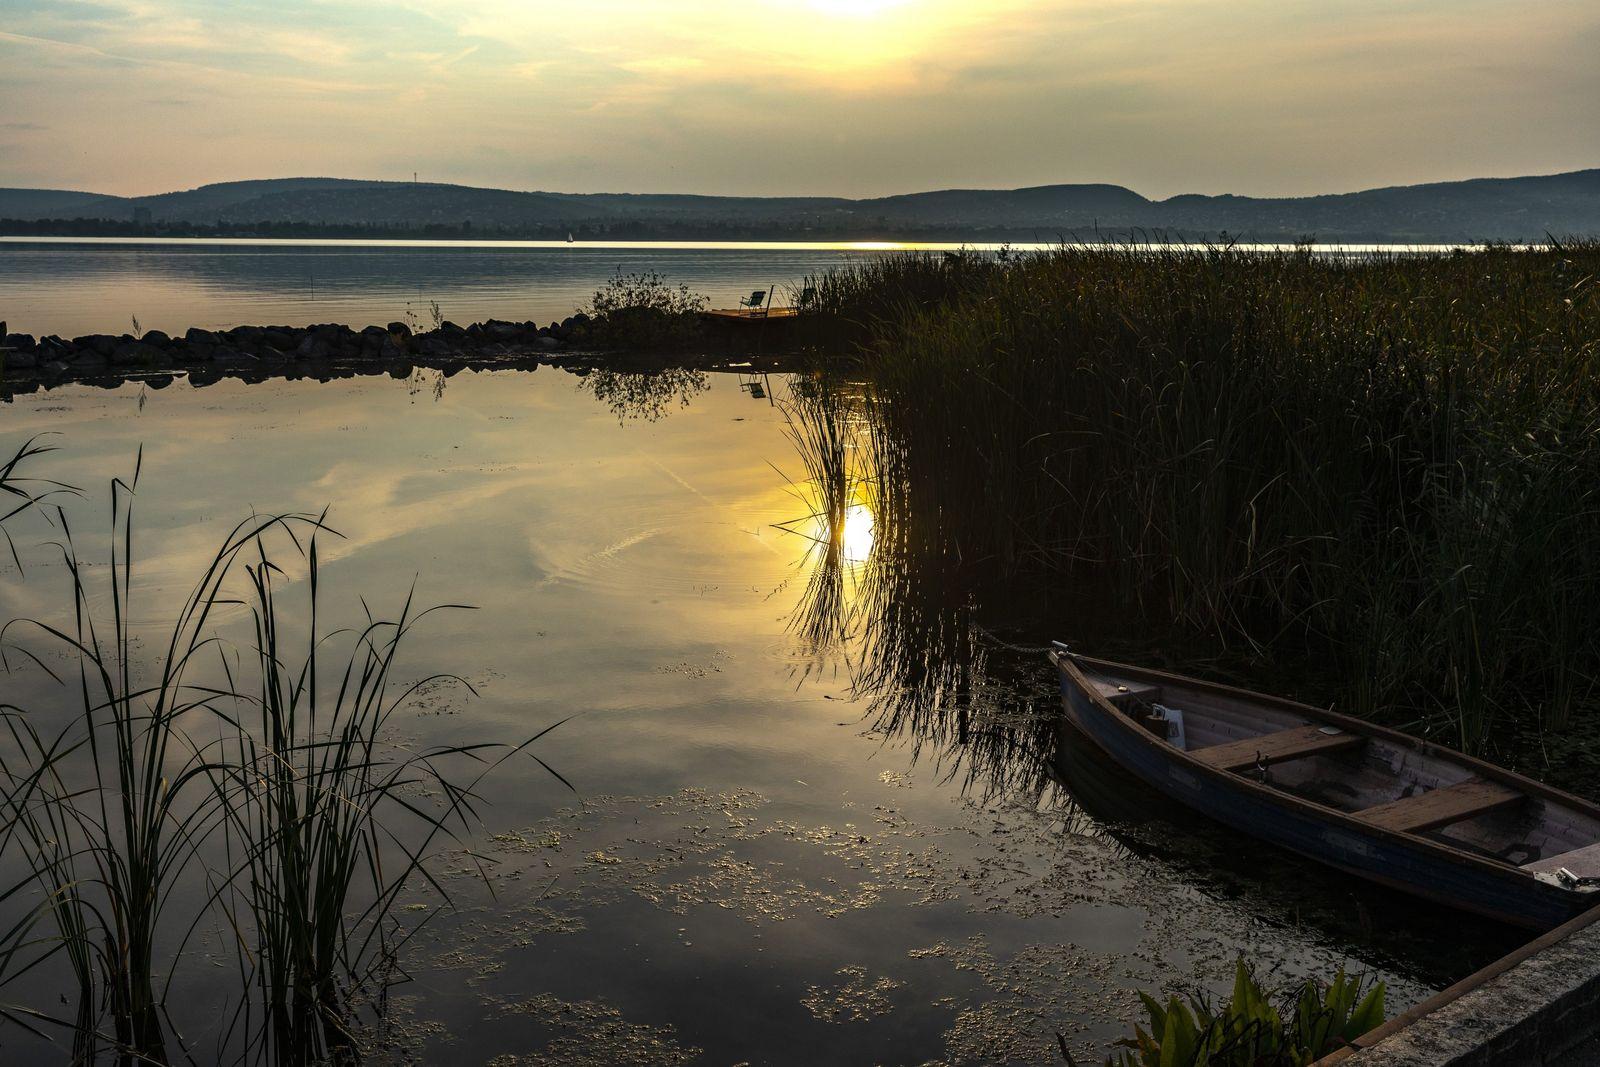 Sur le lac Balaton, un bateau de pêcheur a fini sa journée et est retenu par ...